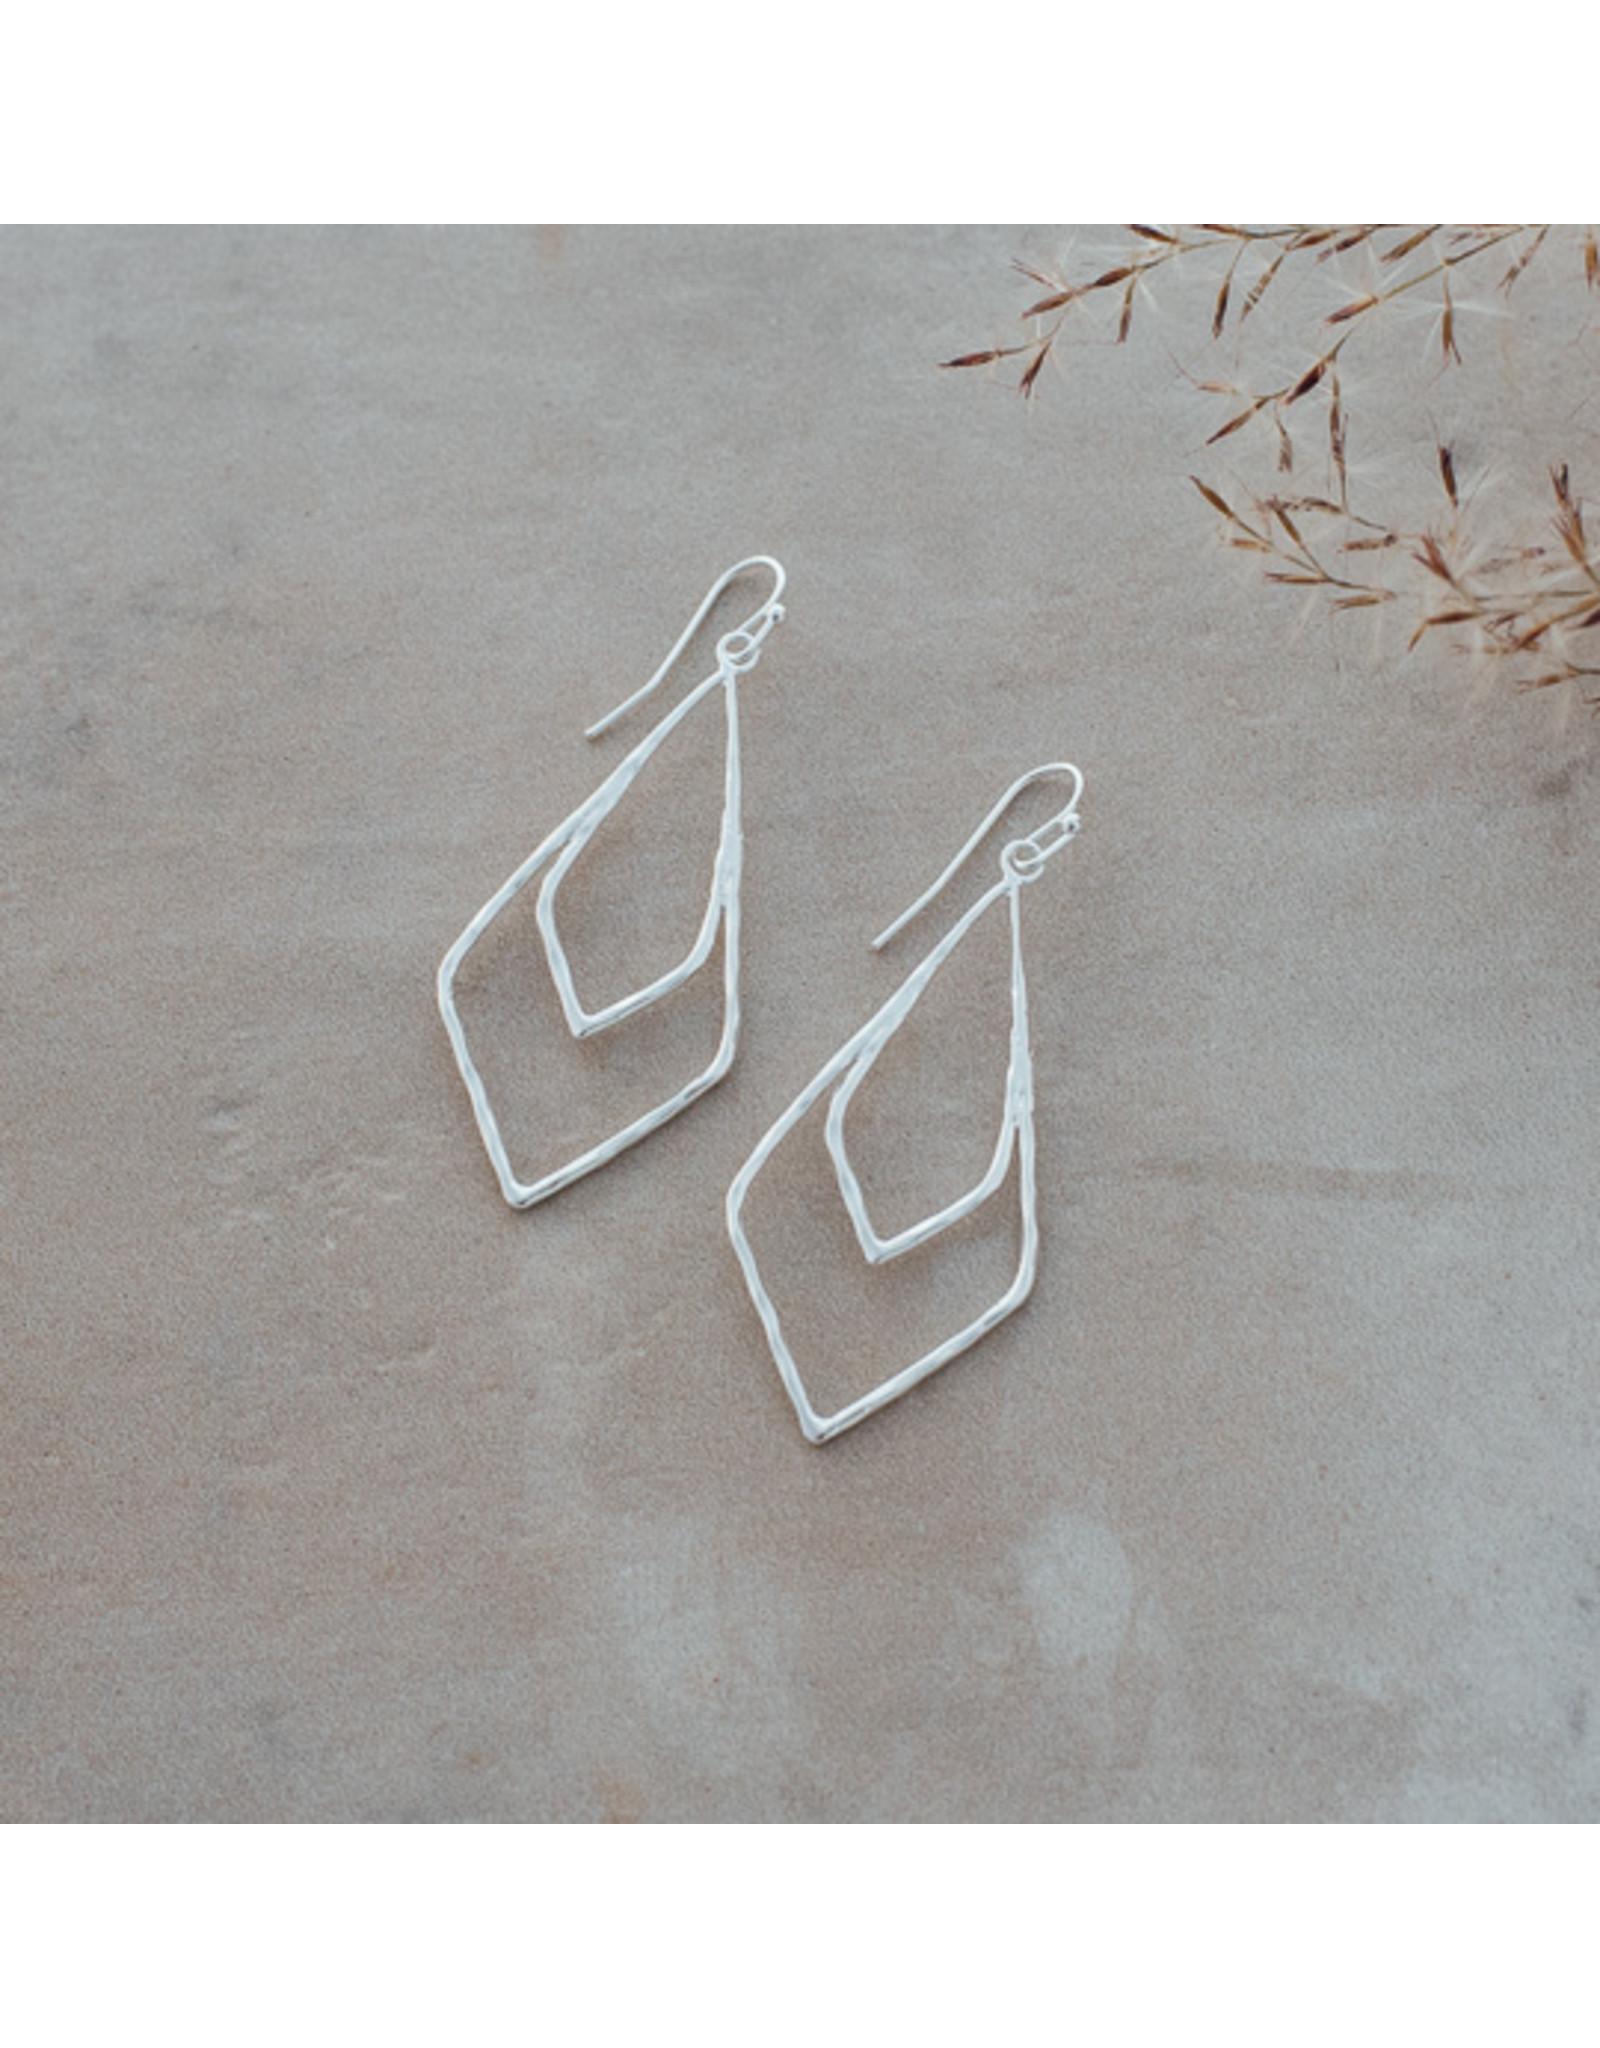 Glee - Jude Earrings